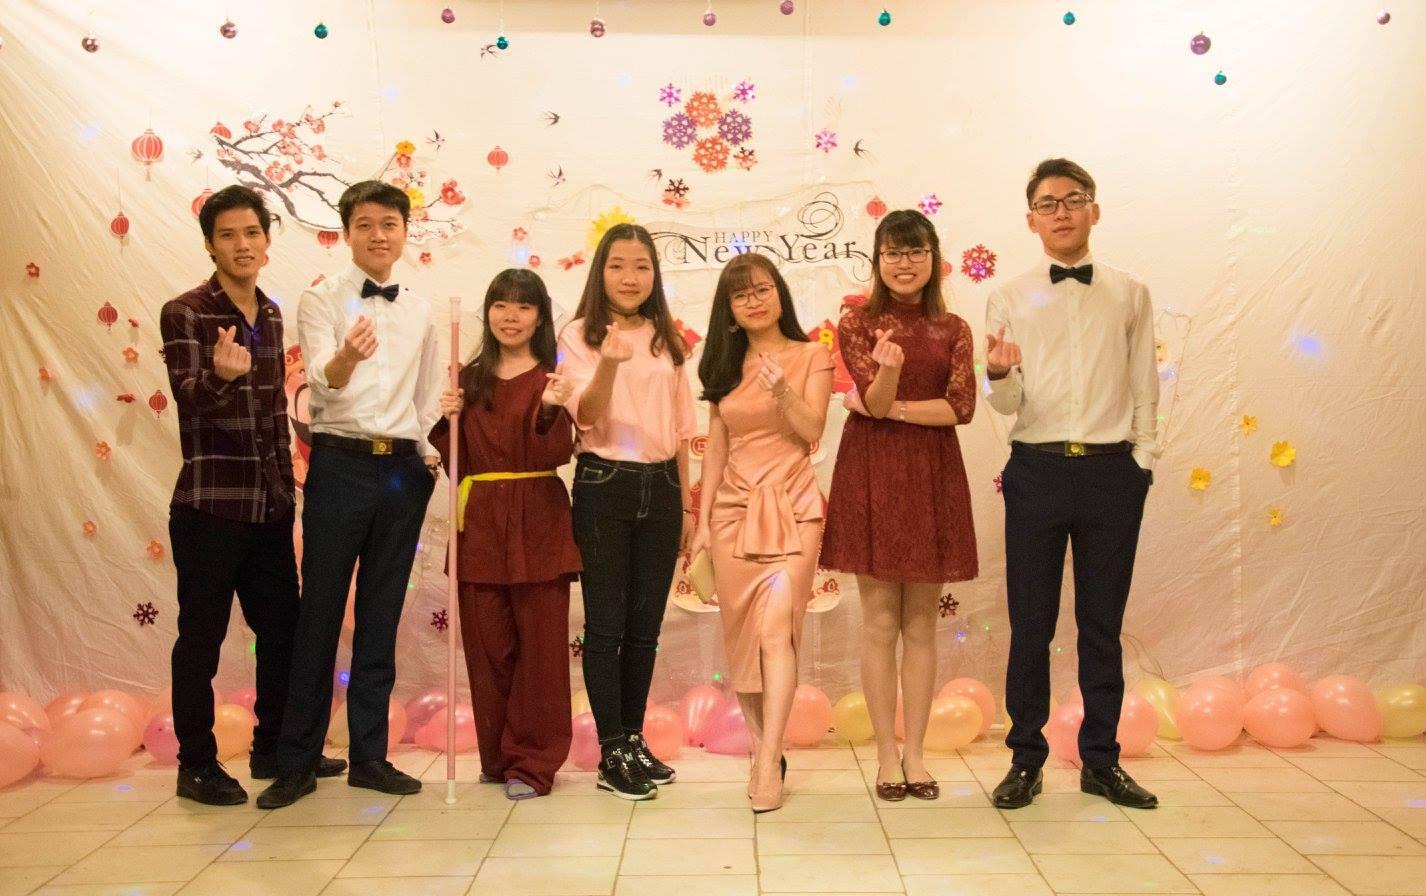 Mạnh Hiếu và bạn bè trong tiệc đón năm mới 2018 vừa qua